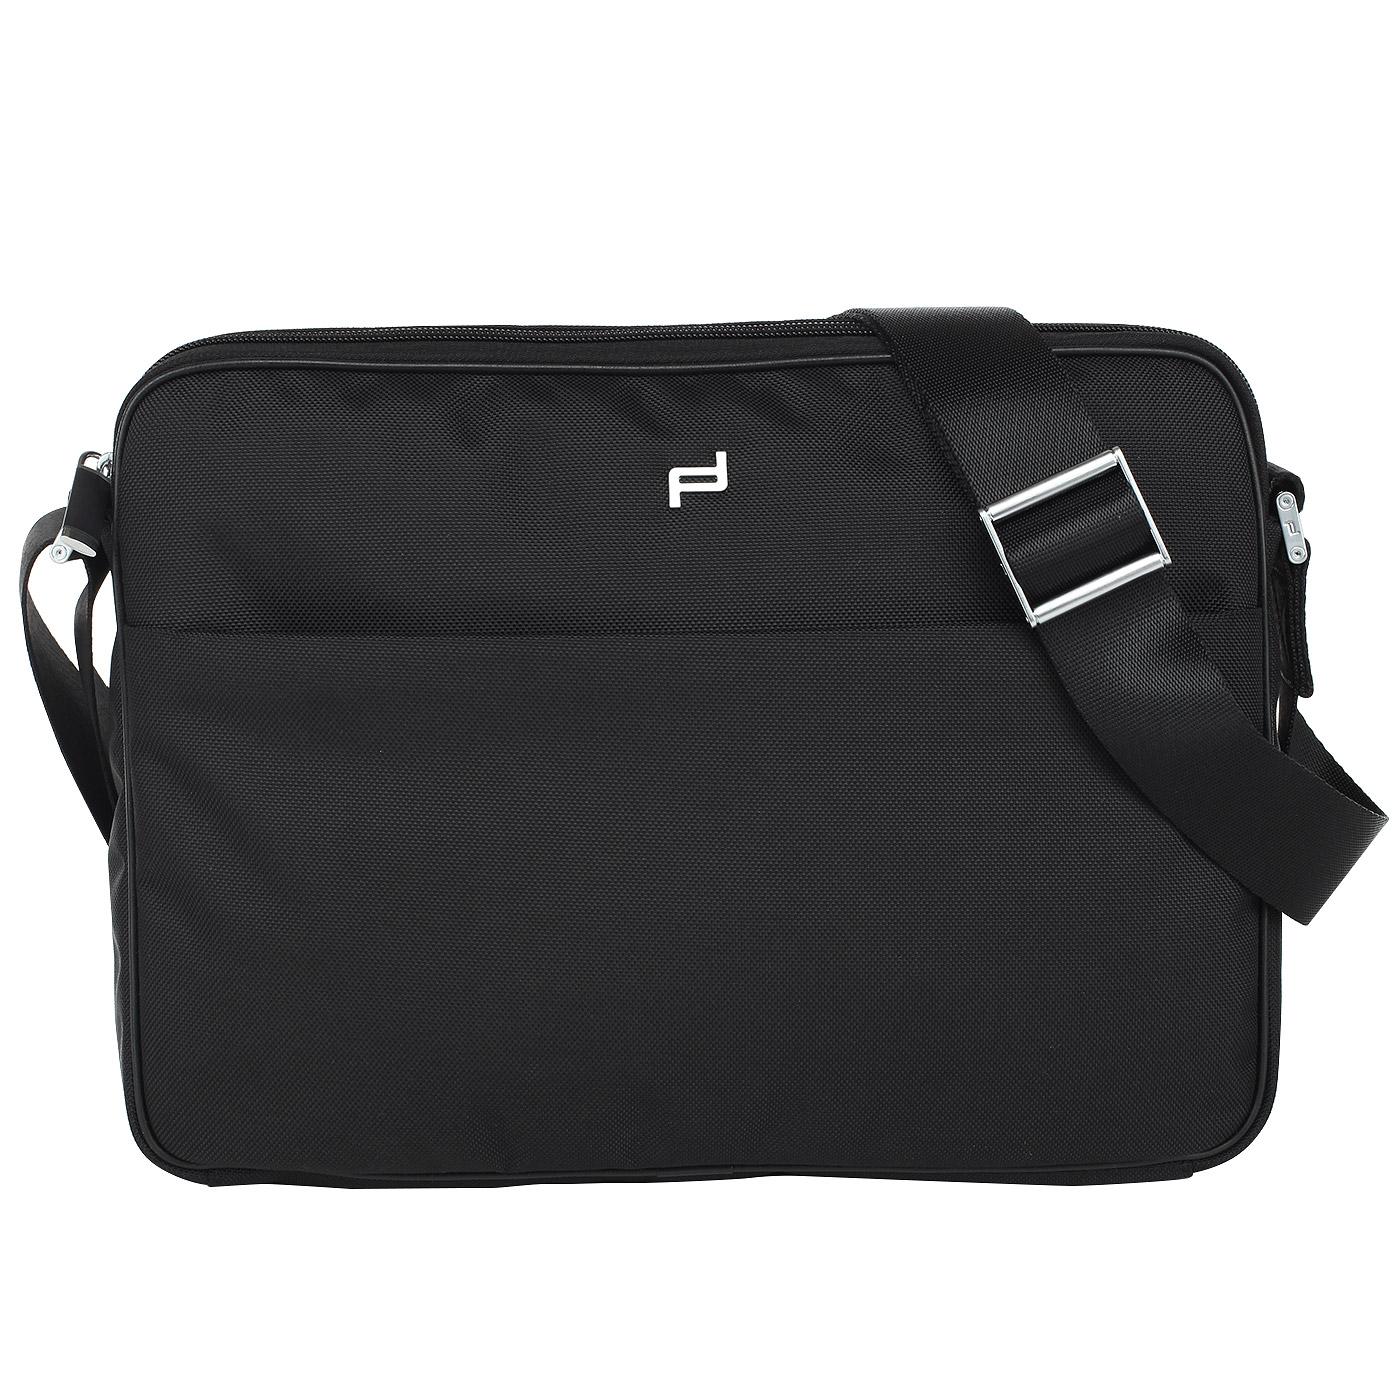 f15d13708ead ... Мужская тканевая сумка через плечо Porsche Design Roadster SC ...